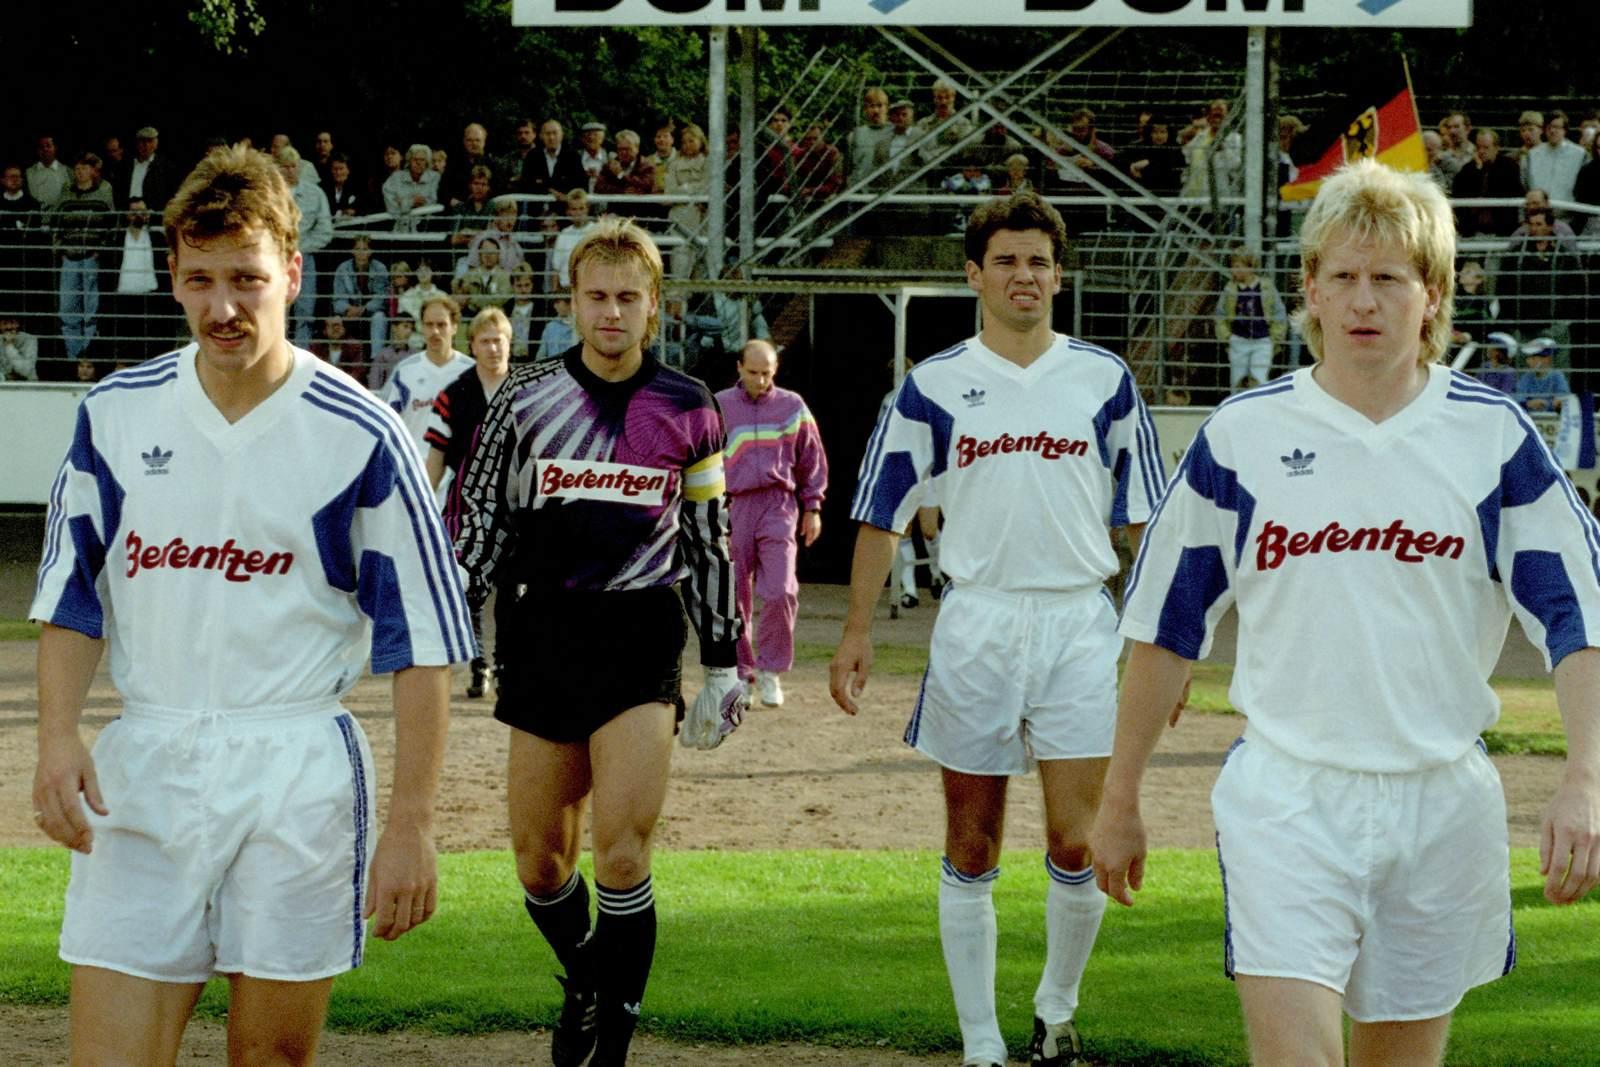 Andreas Helmer, Manfred Kubik, Thomas Böttche und Bernd Deters